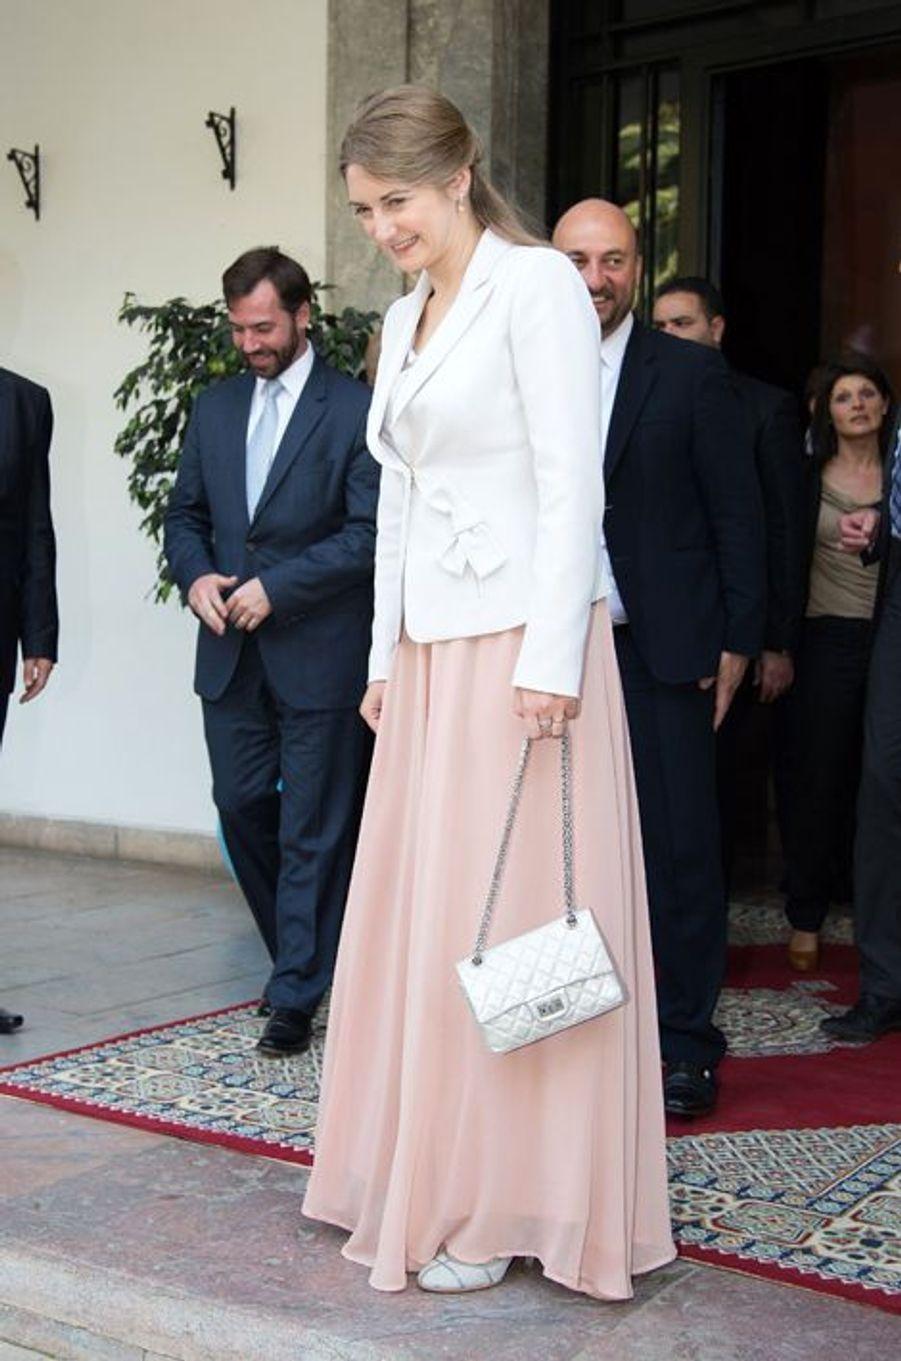 La princesse Stéphanie et le prince Guillaume de Luxembourg à Rabat, le 27 avril 2015